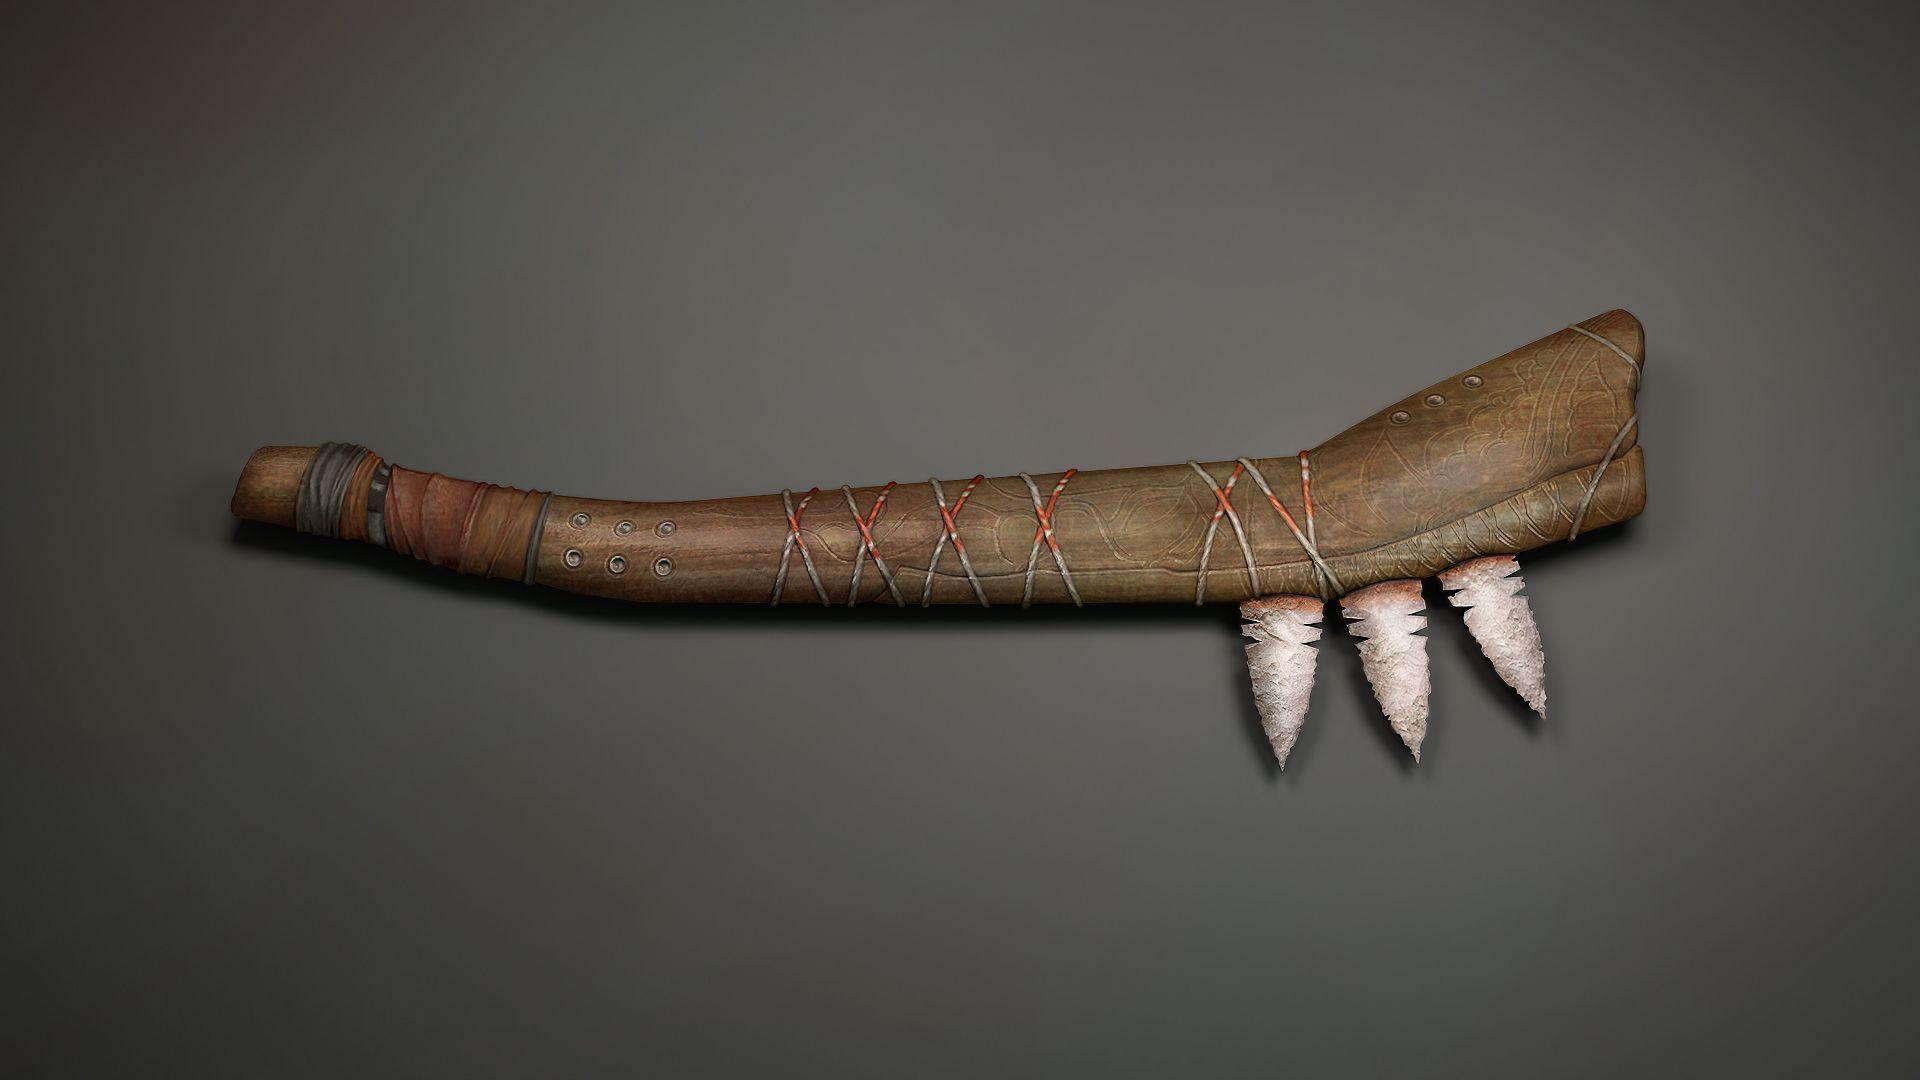 Pin Dan Bullock Monster Slayer Weapons Native American War